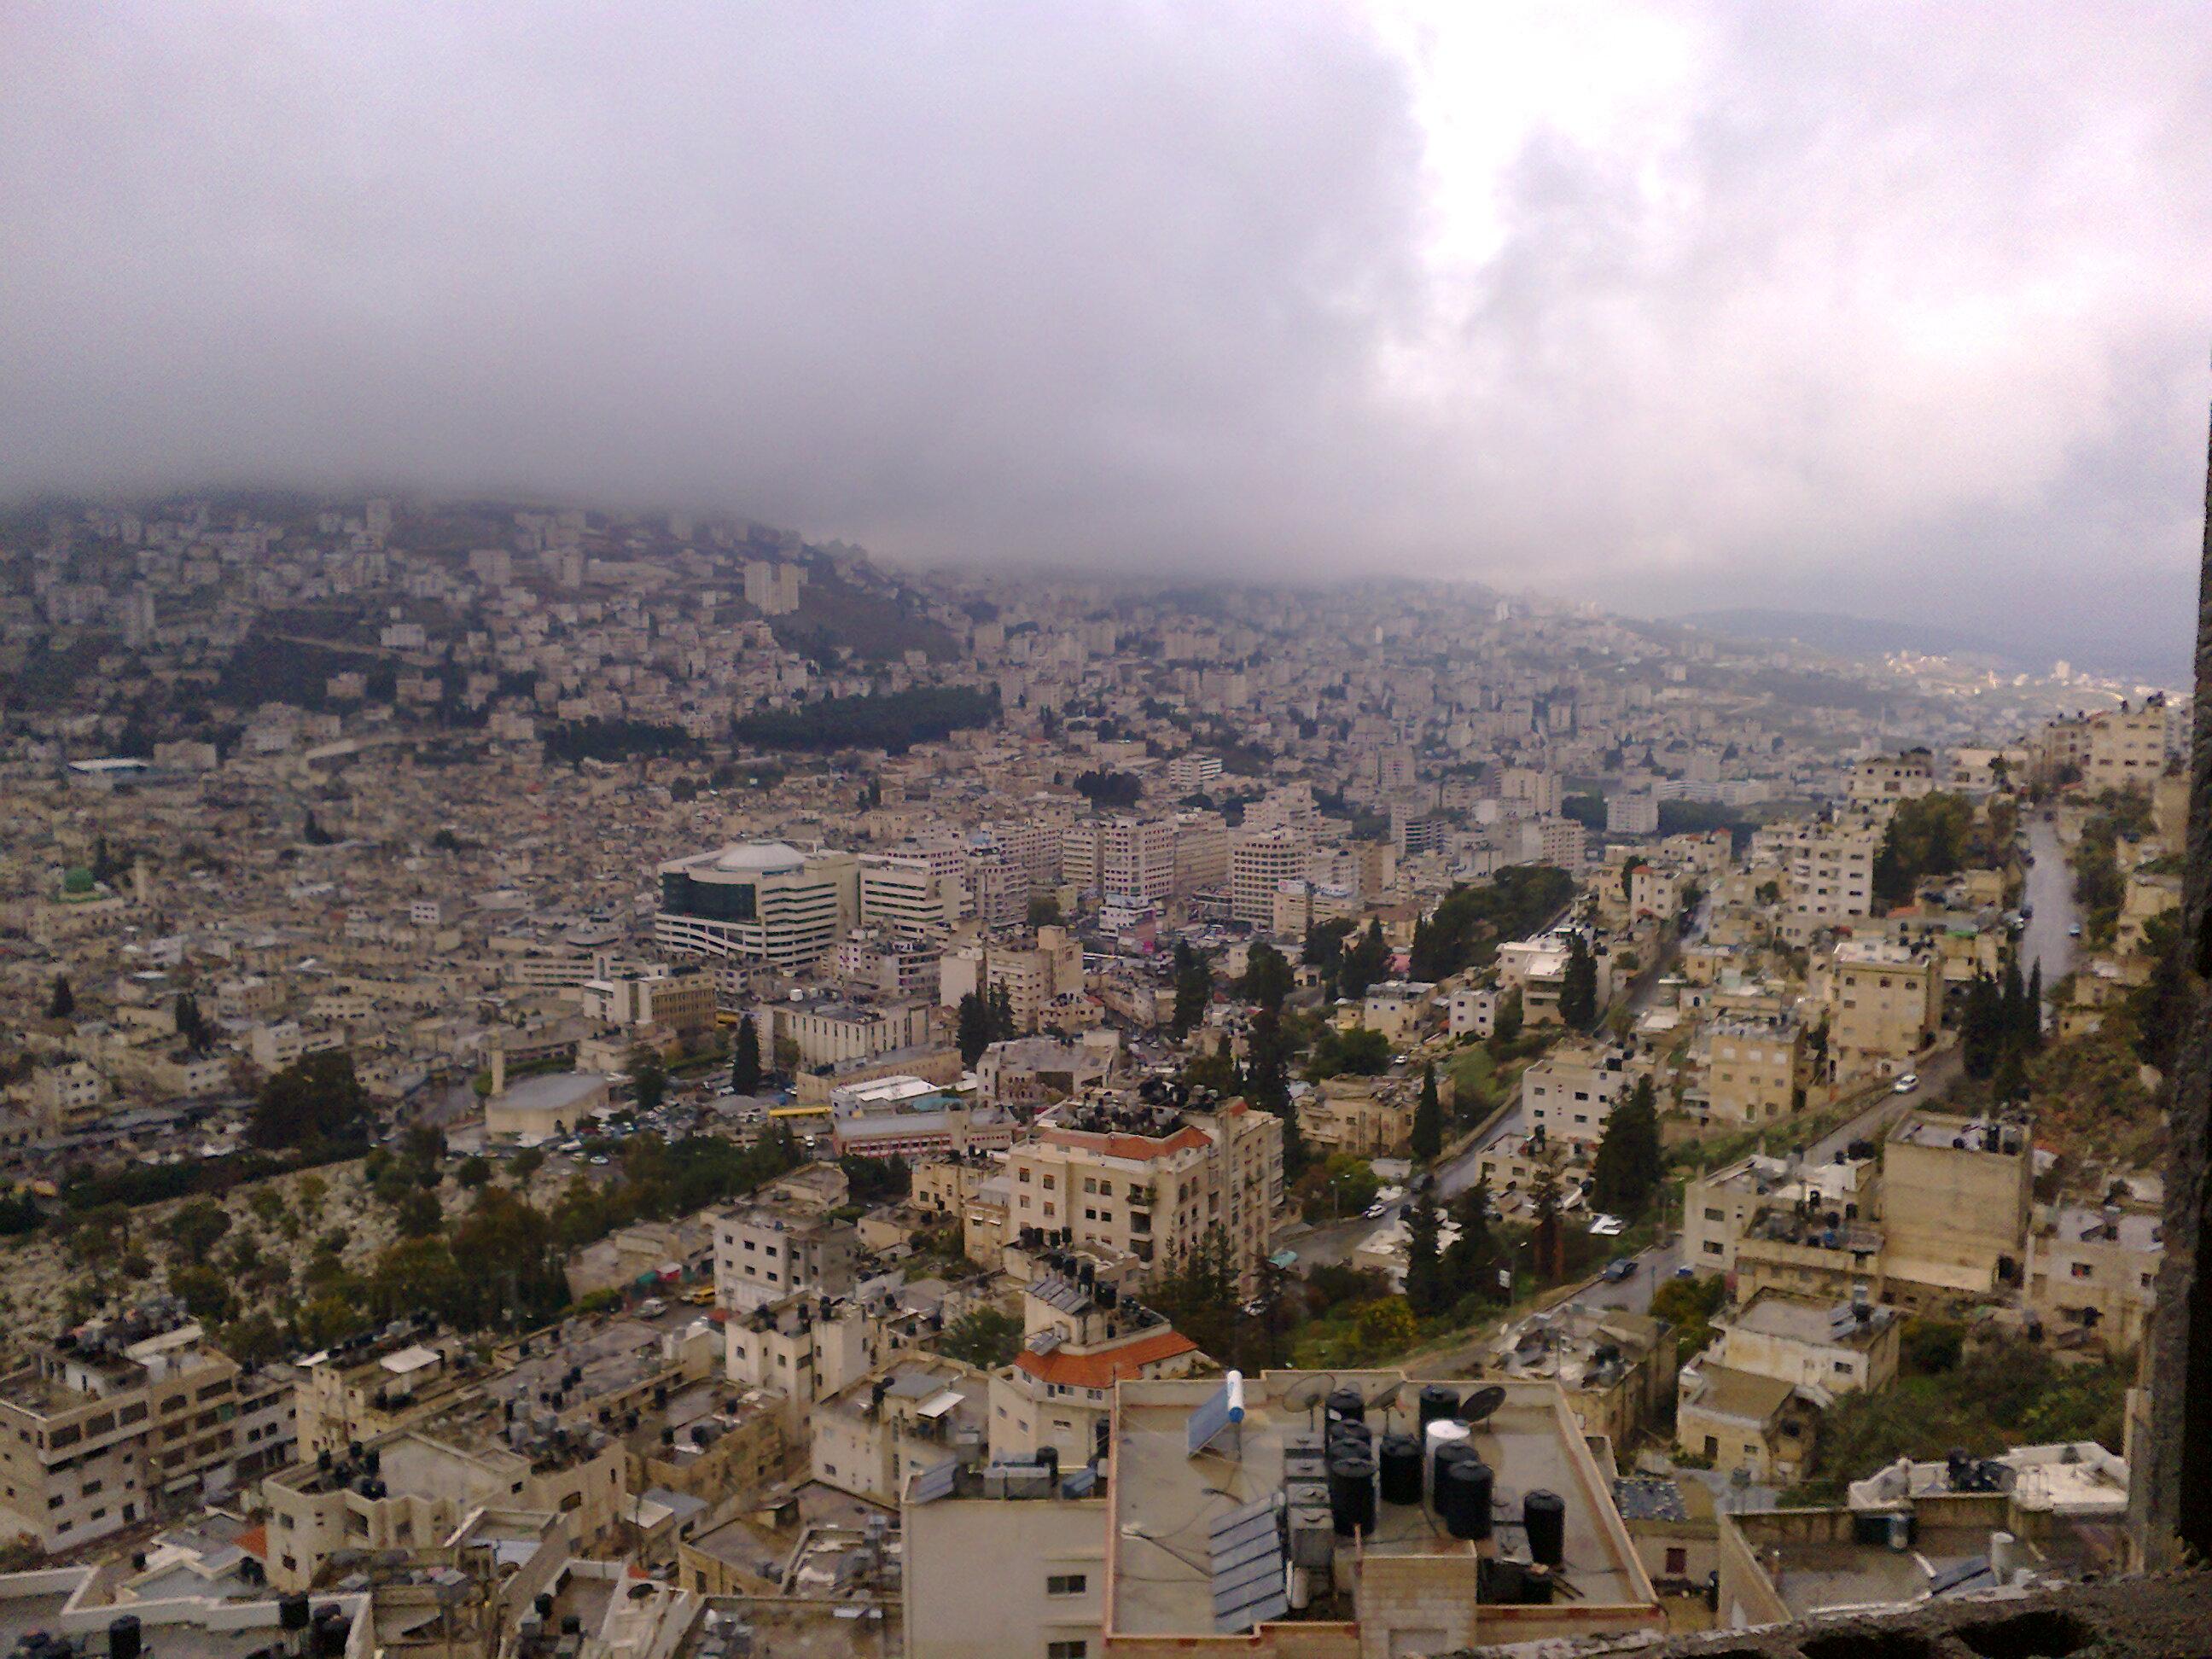 Nablus-Nablus: Nablus in winter 2012 /81514 - Palestine Remembered